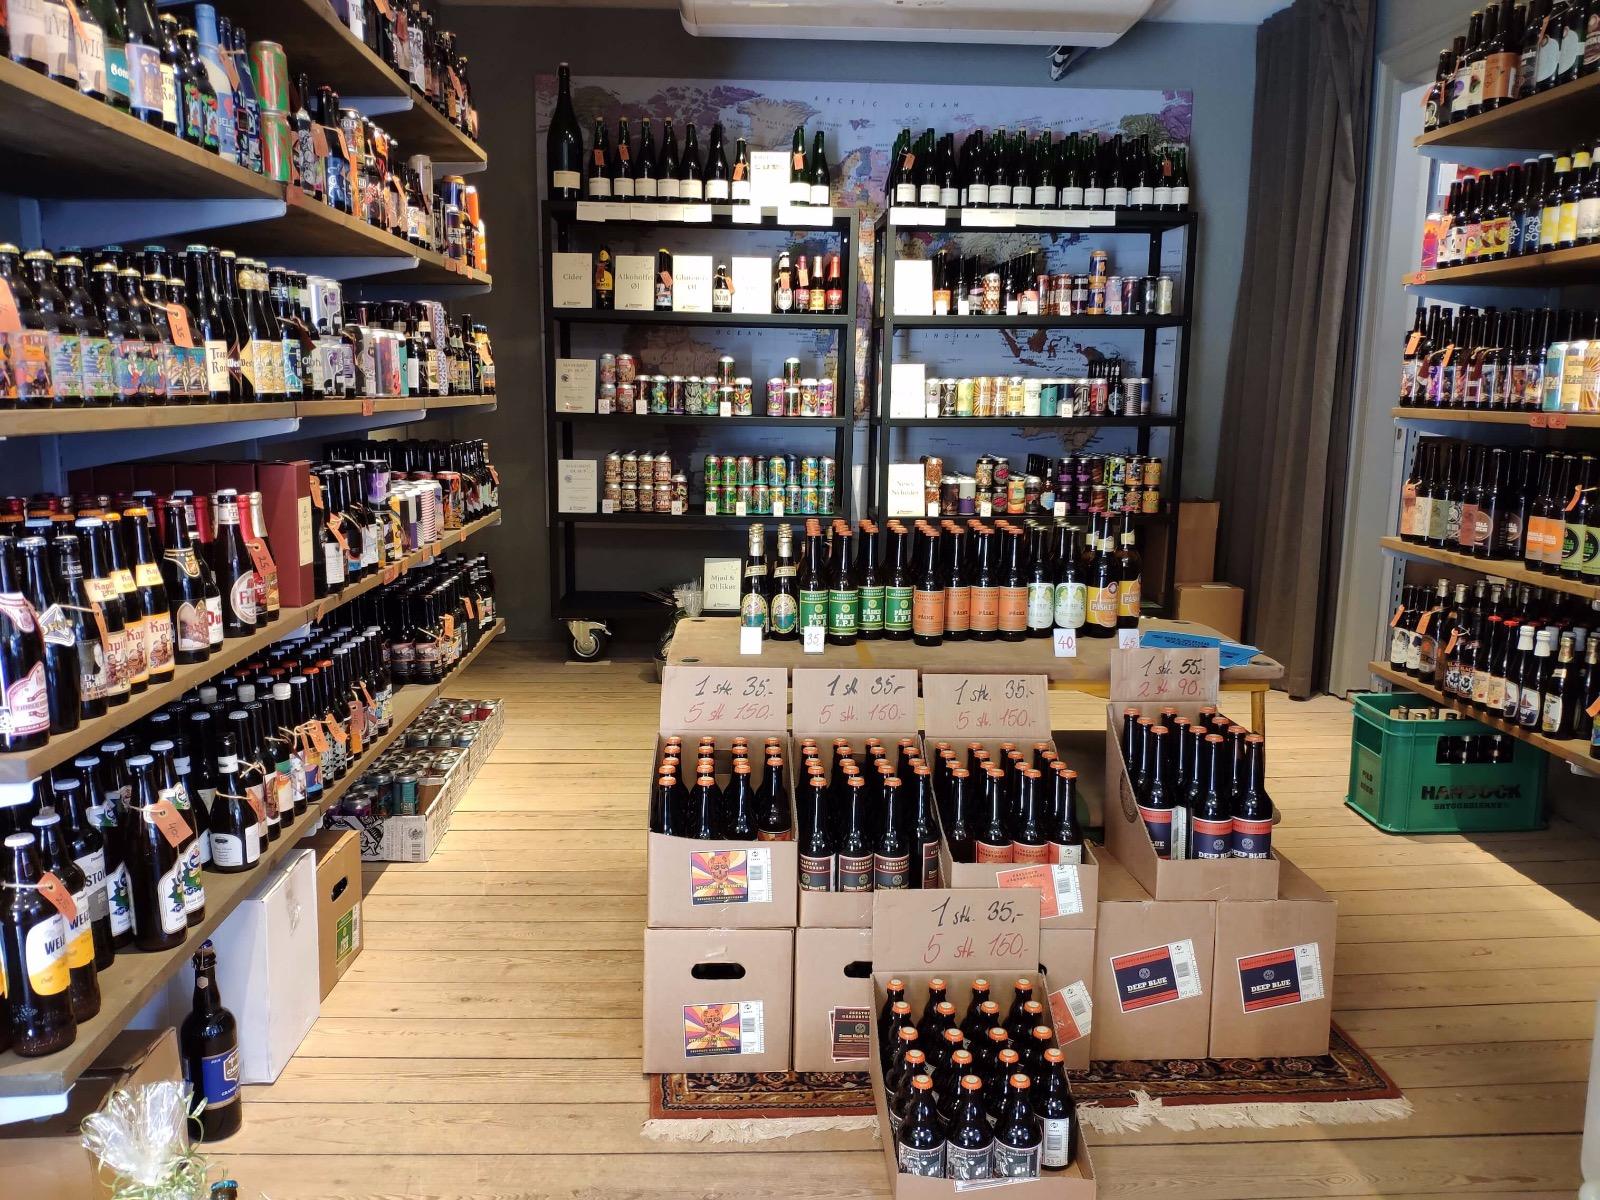 Øl udvalget i butikken